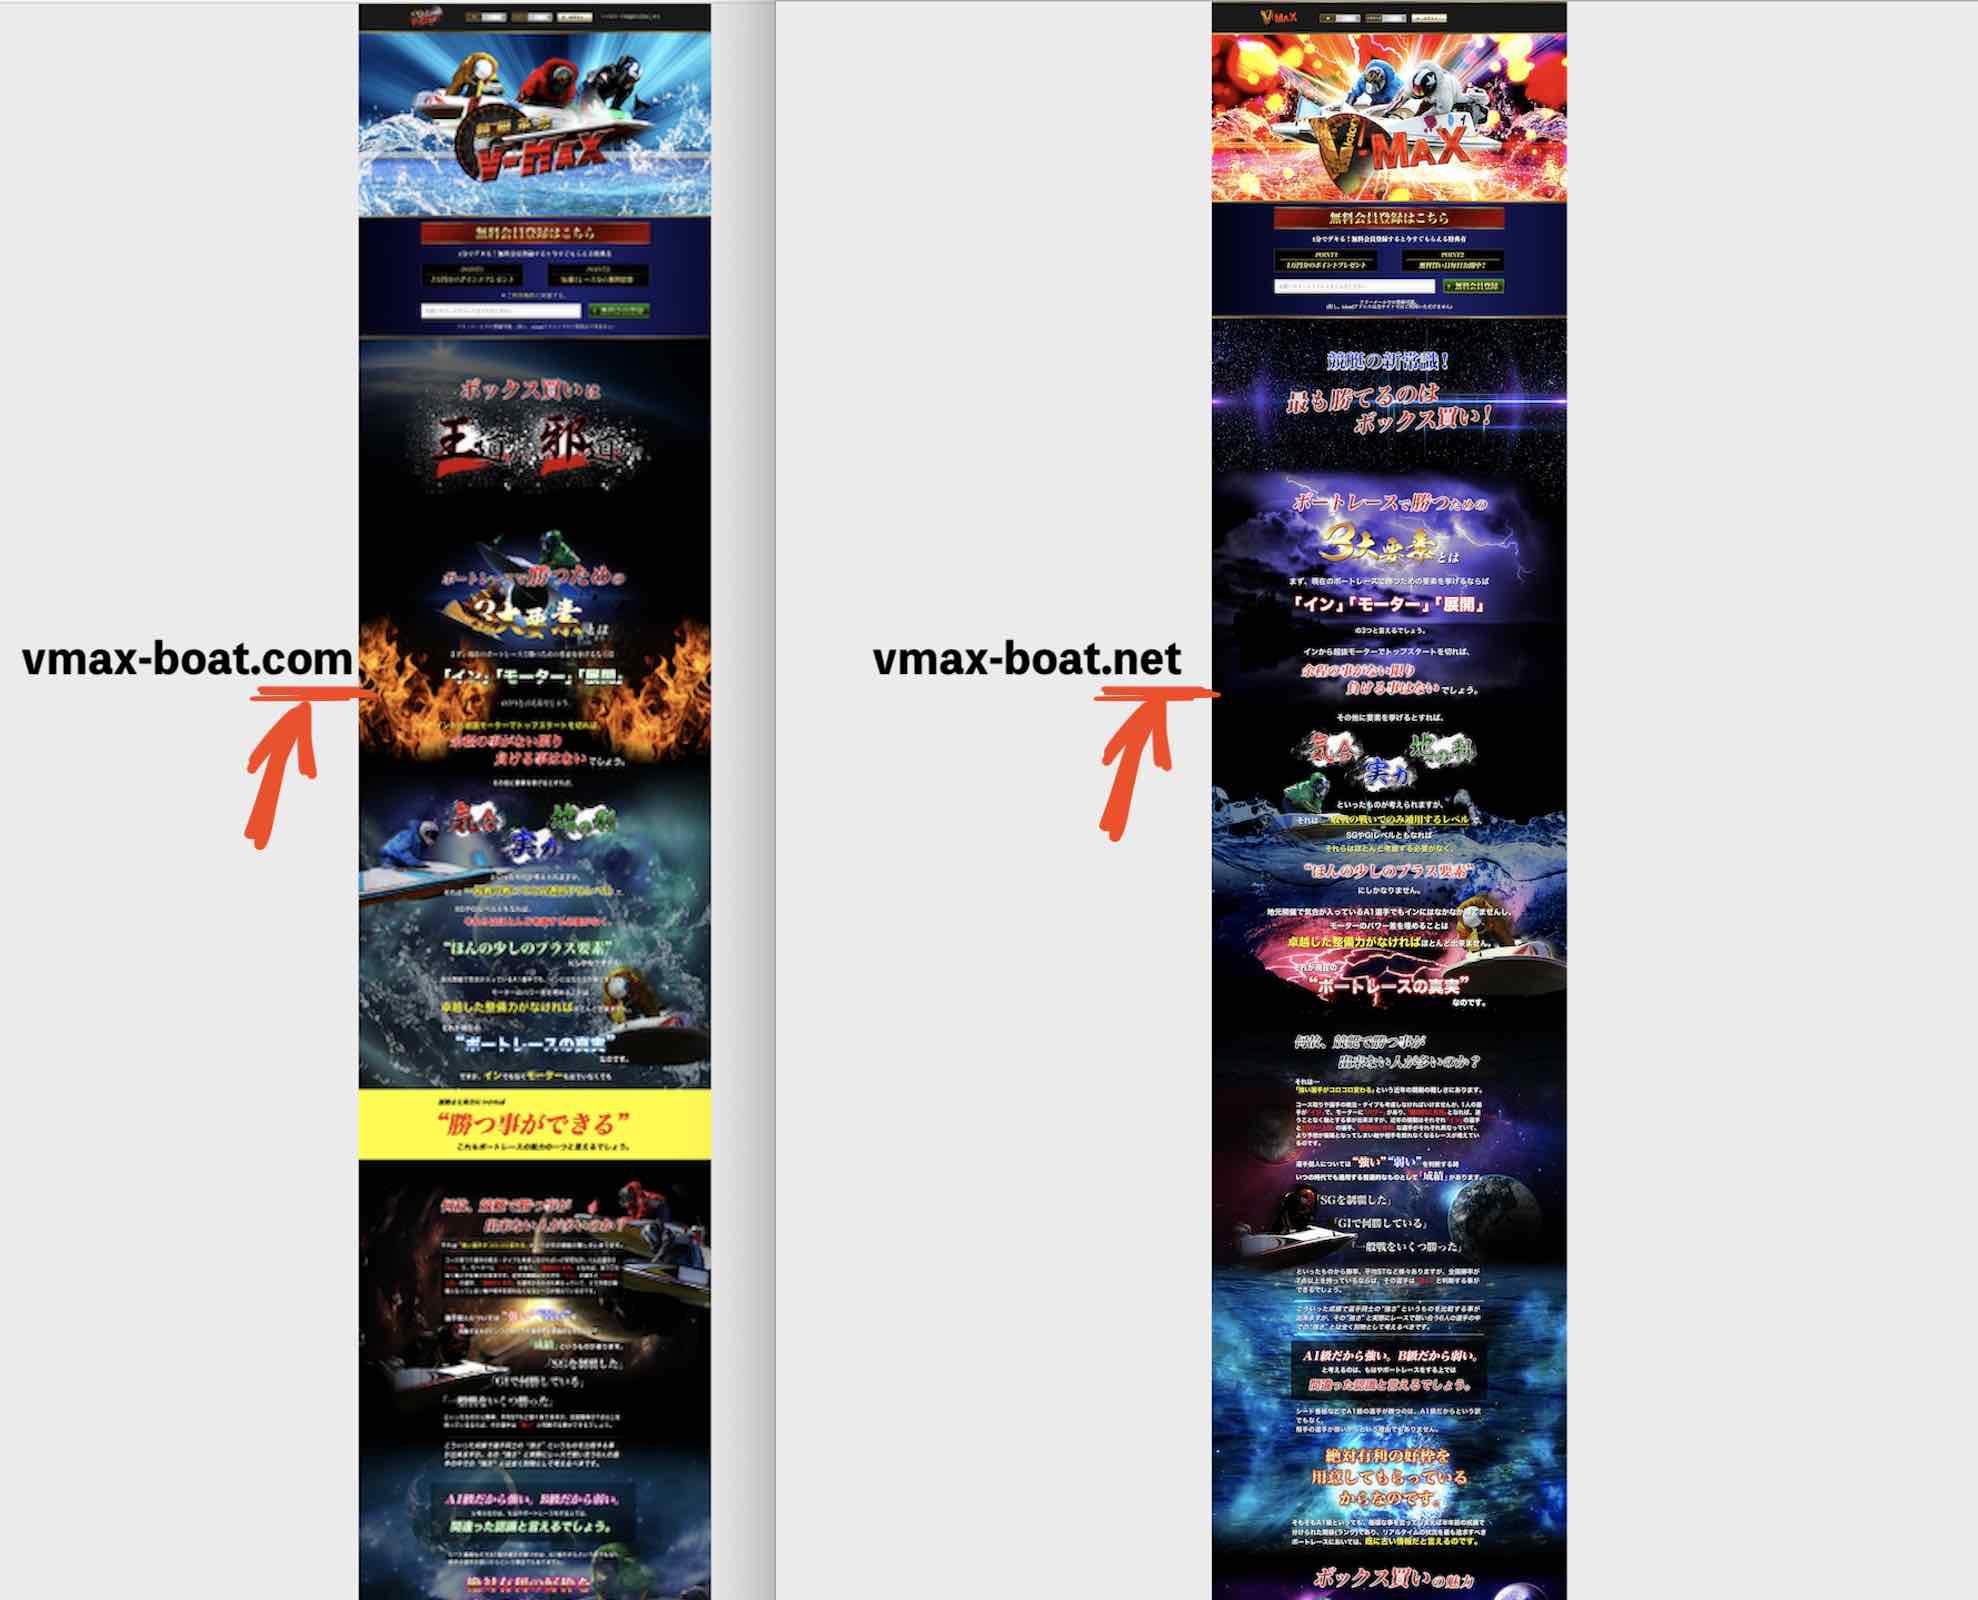 ブイマックスVMAXという競艇予想サイトは同じサイトが2つある